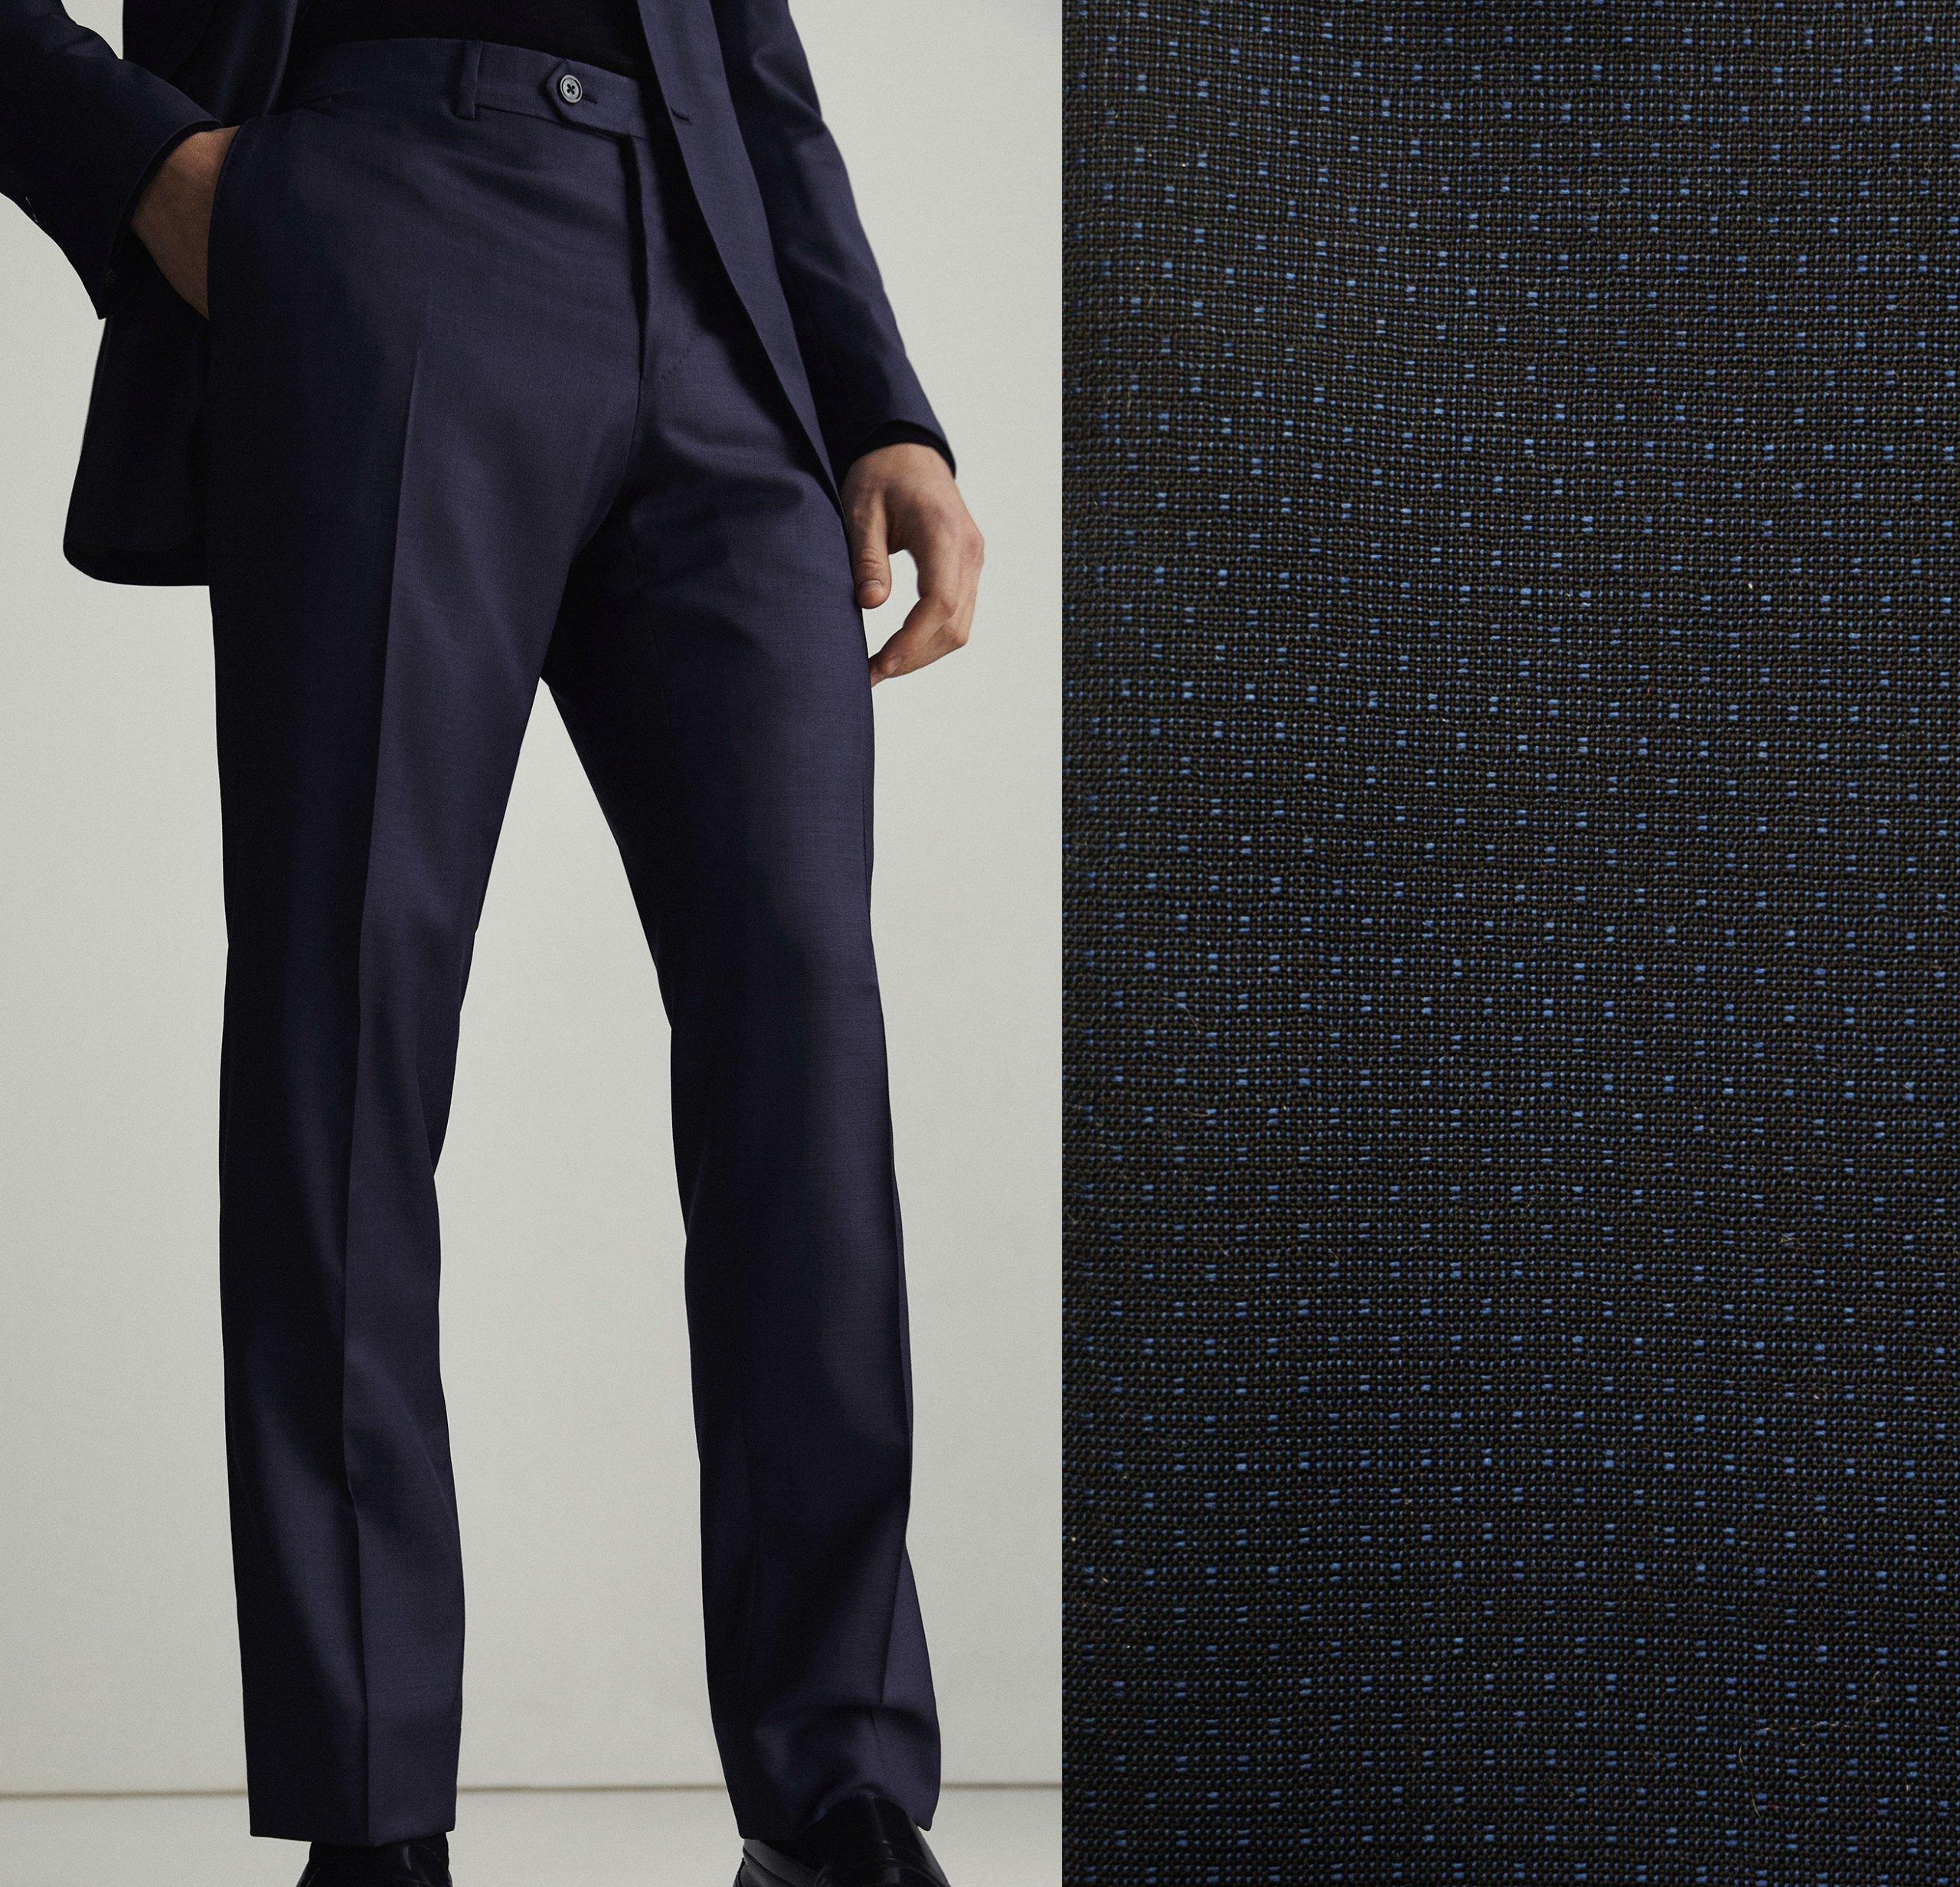 2749ff27e9 Massimo Dutti wełniane spodnie garniturowe 46 - 7172114519 ...